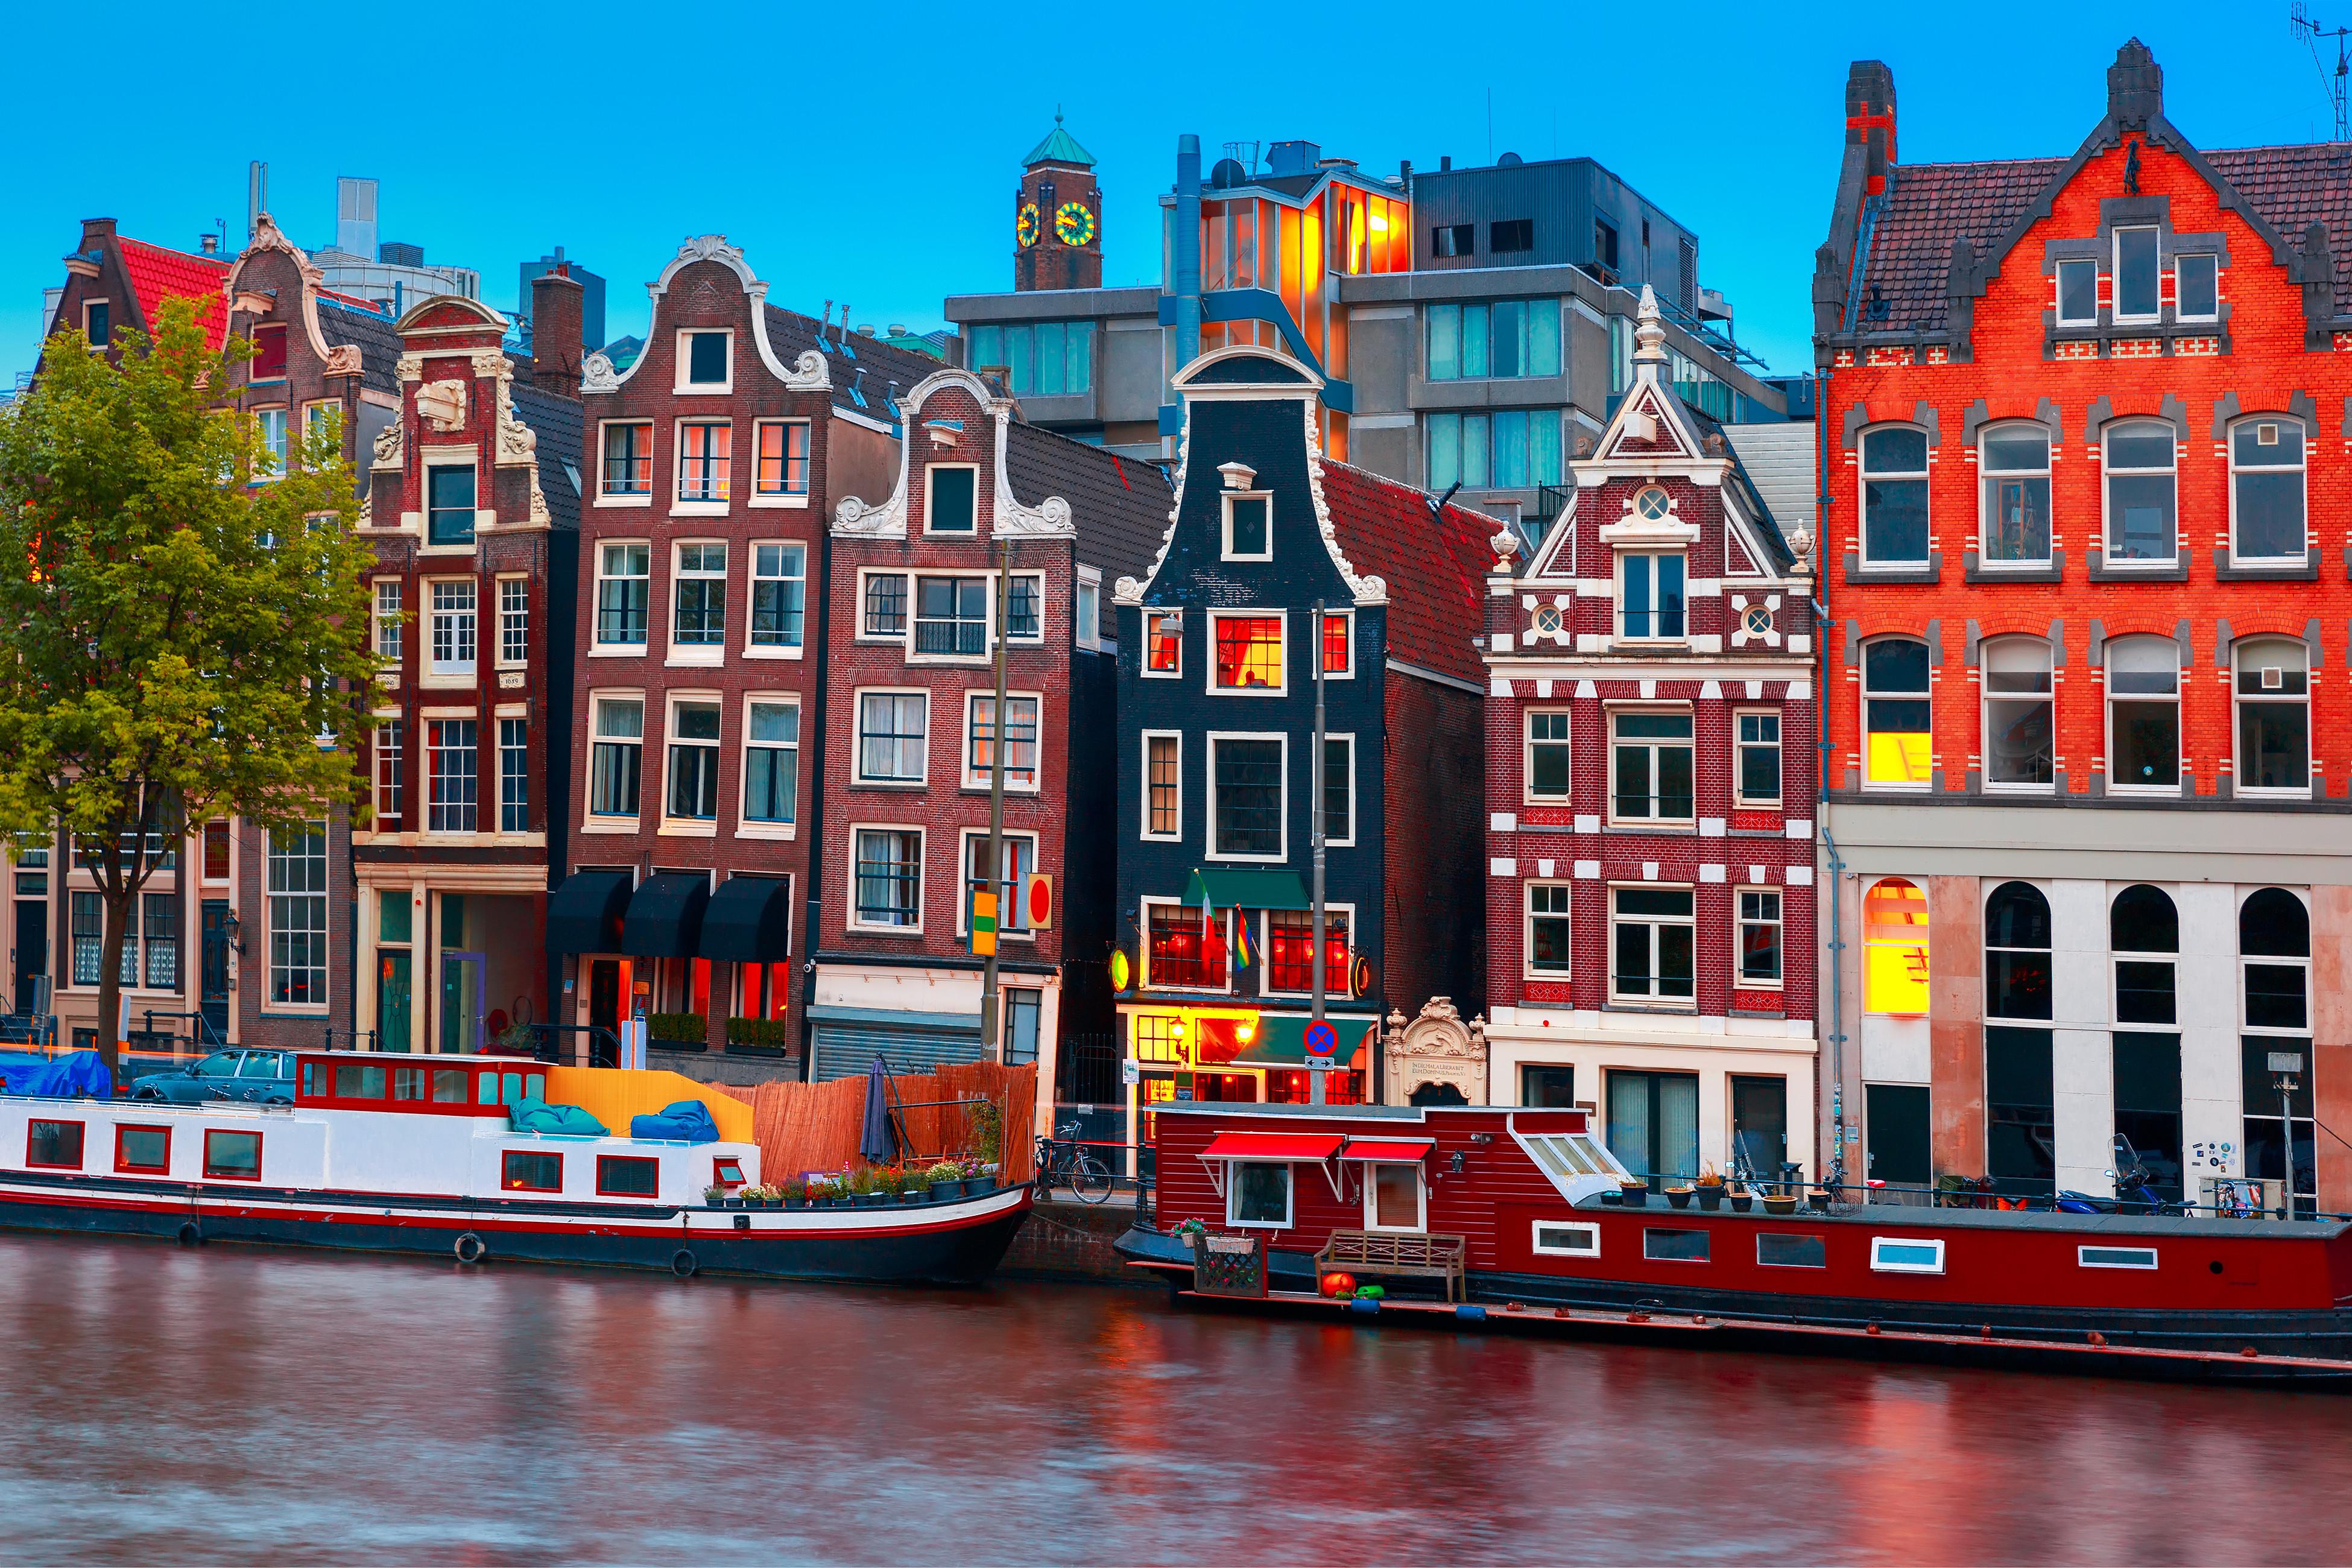 Vistas de la ciudad de Ámsterdam / Gtres